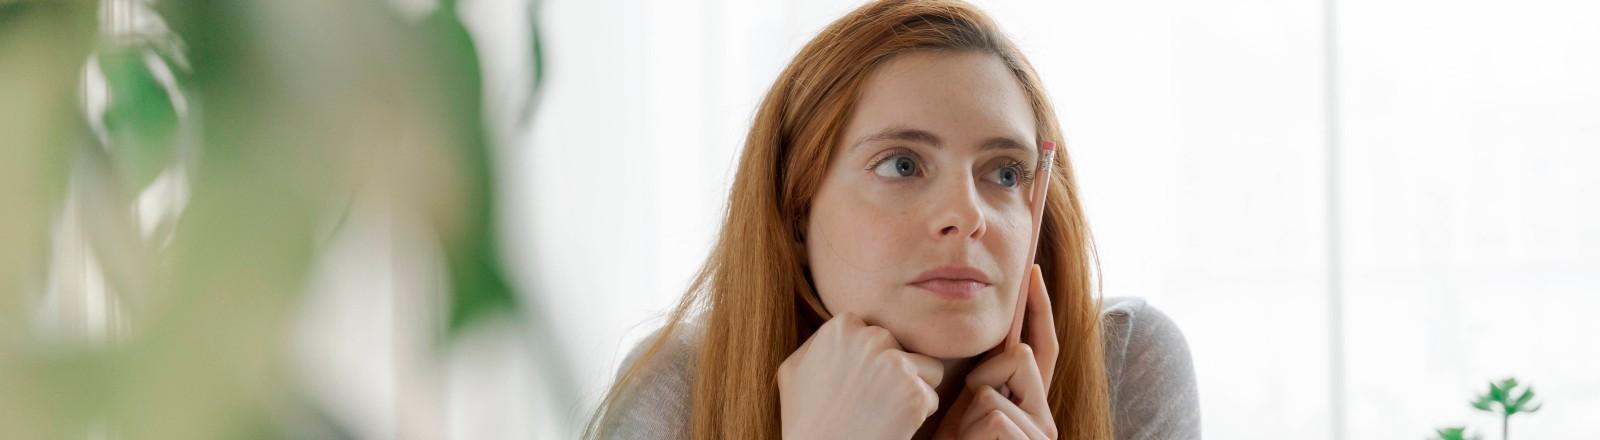 Eine junge Frau sitzt im Zimmer und denkt nach